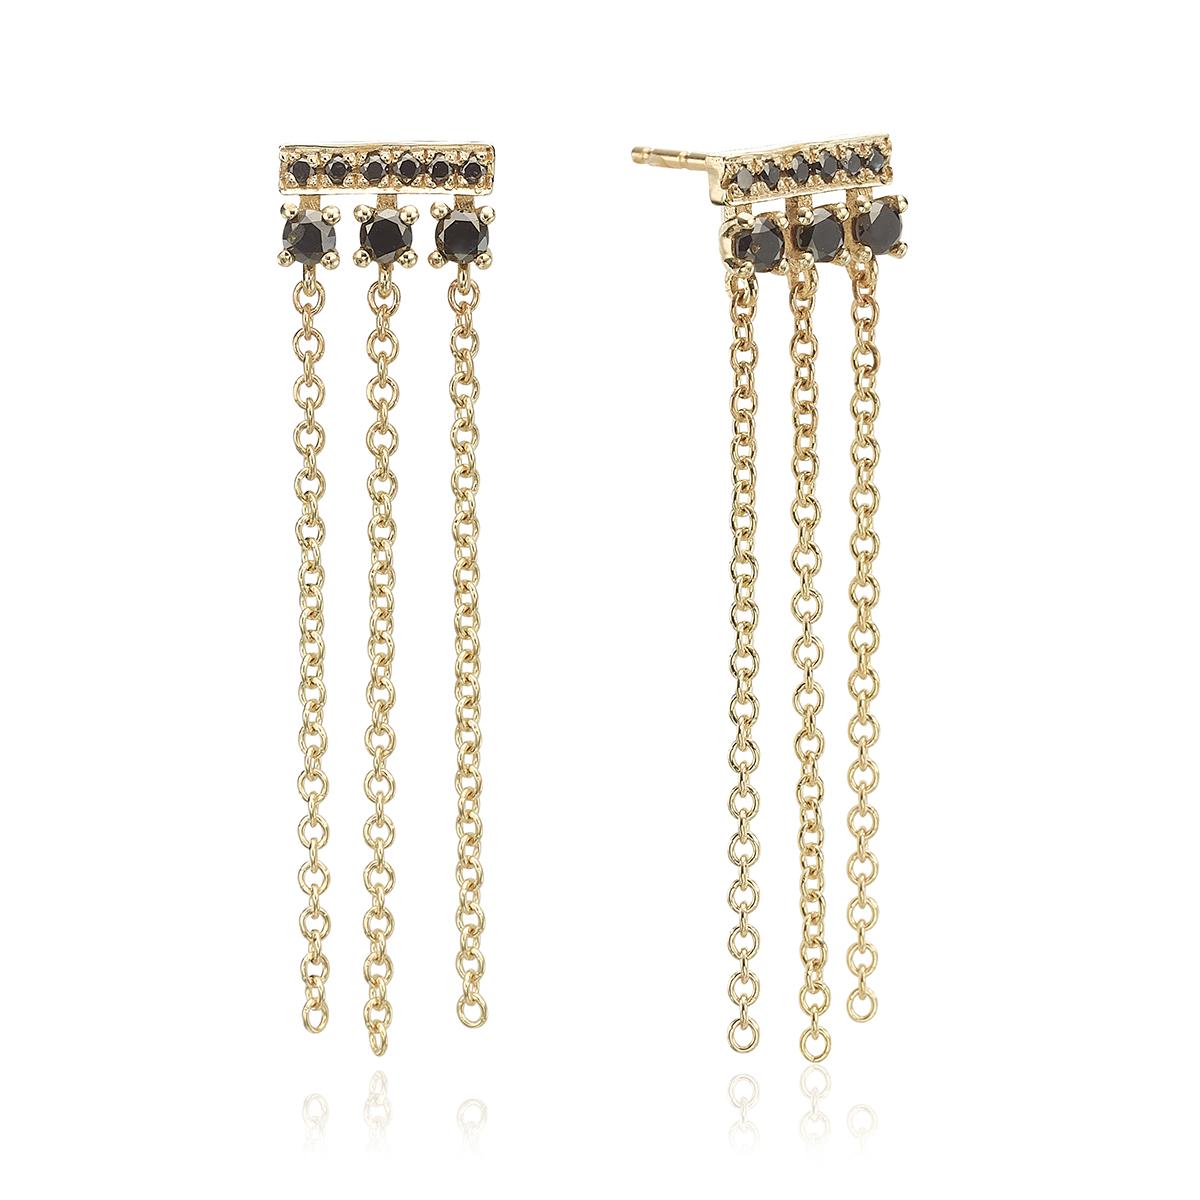 עגילי זהב ויהלומים שחורים מיוחדים בשילוב שרשראות מתנדנדות